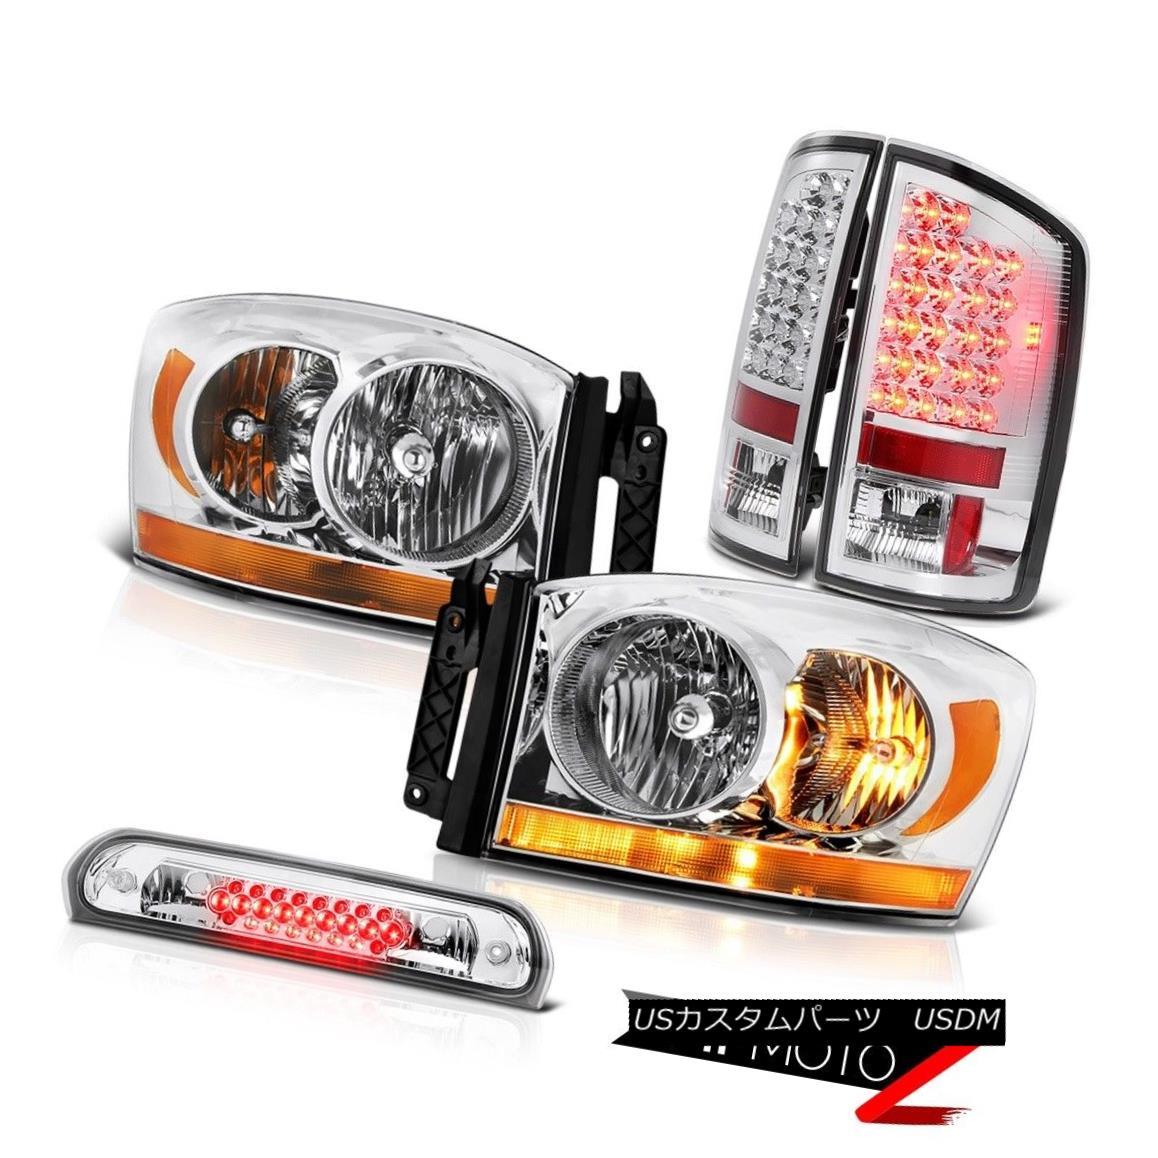 ヘッドライト 2006 Ram Slt Euro Chrome Headlights Roof Cab Light Taillamps SMD